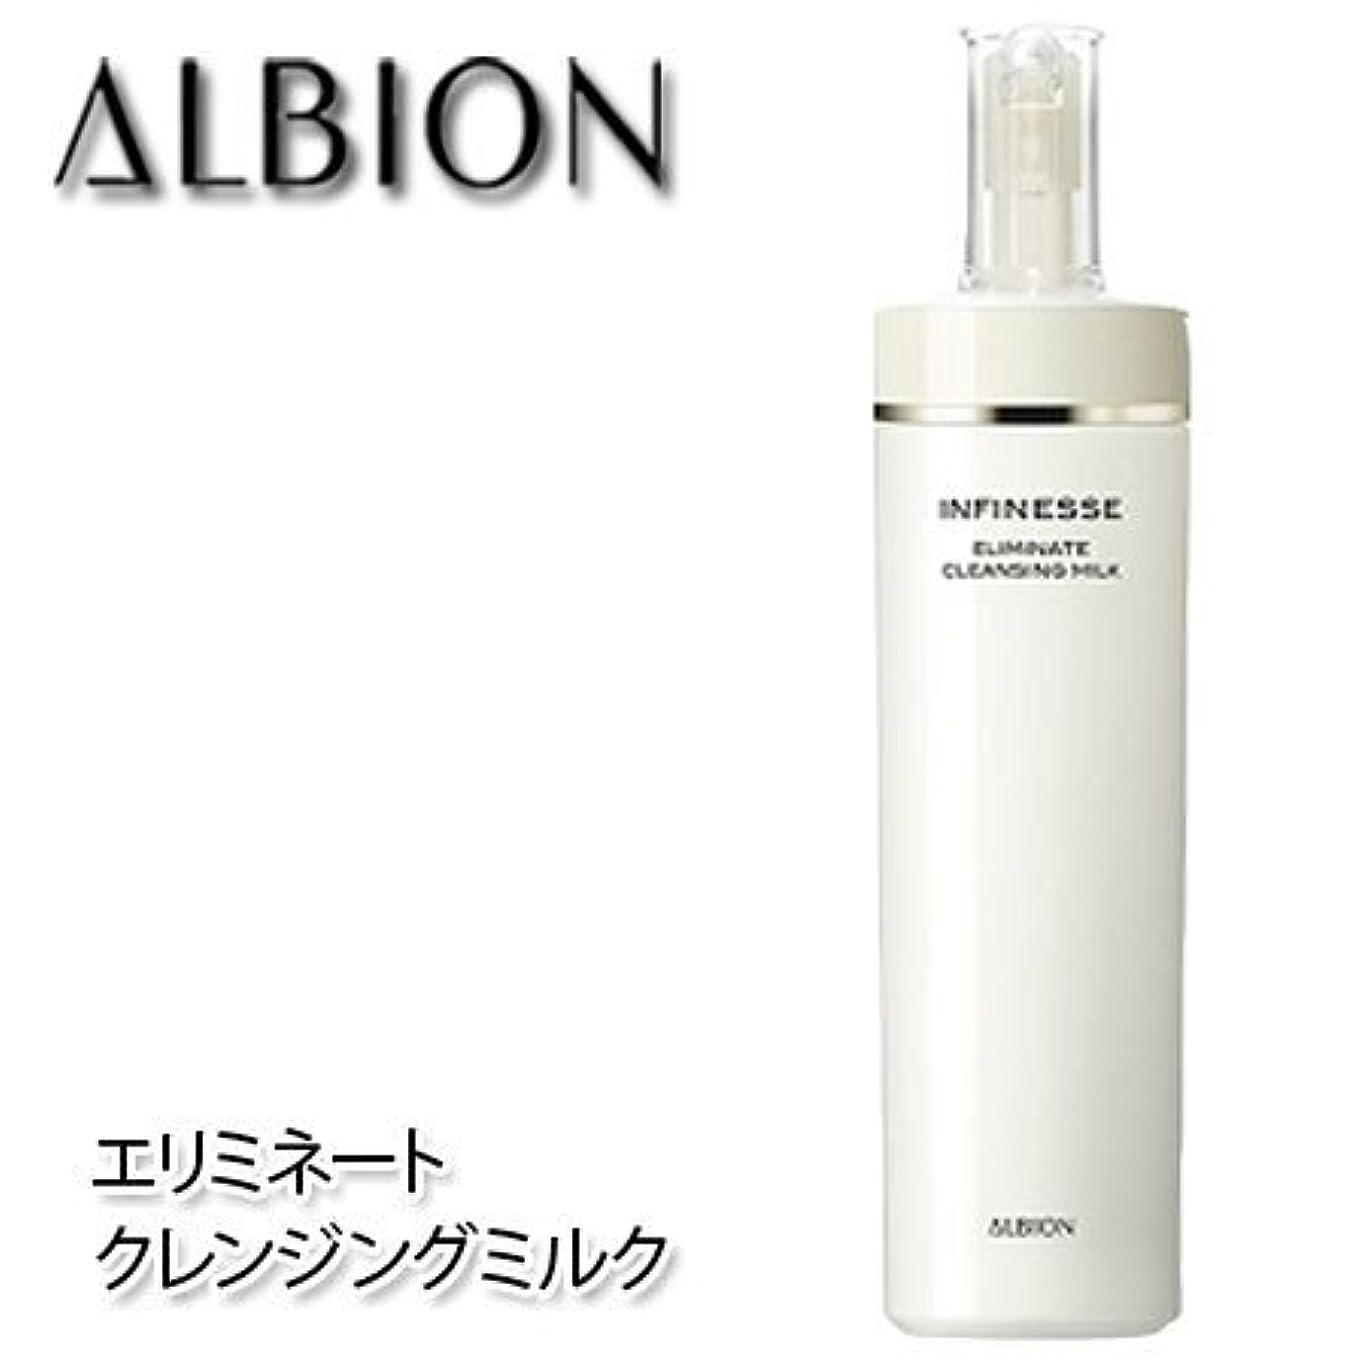 公式ベスビオ山平和なアルビオン アンフィネス エリミネート クレンジングミルク 200g-ALBION-